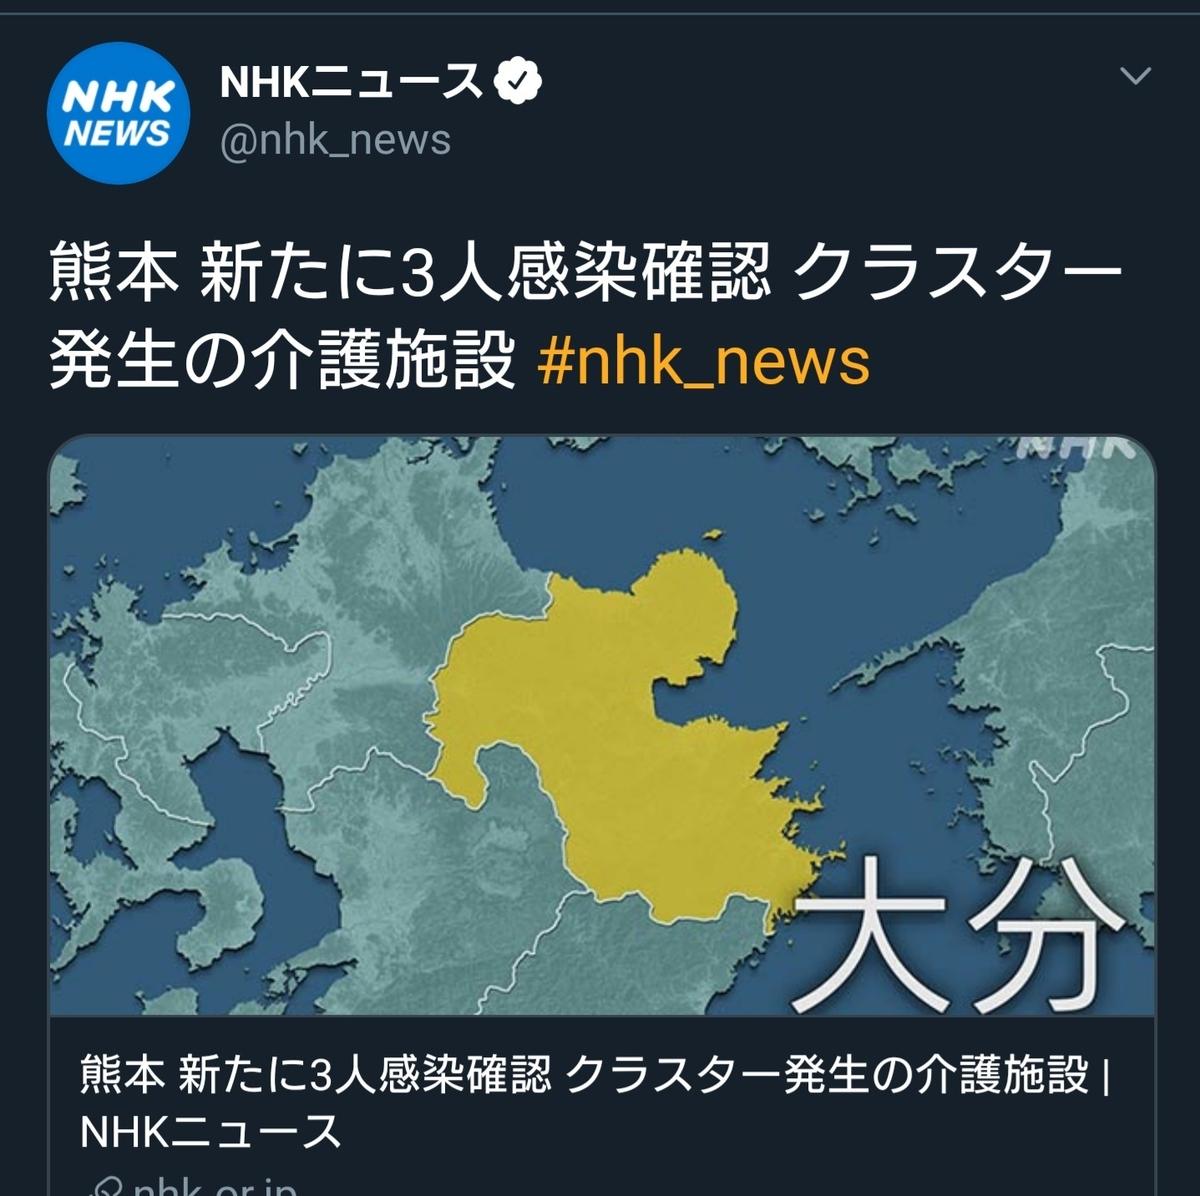 熊本のニュースなのに大分県が表示されている